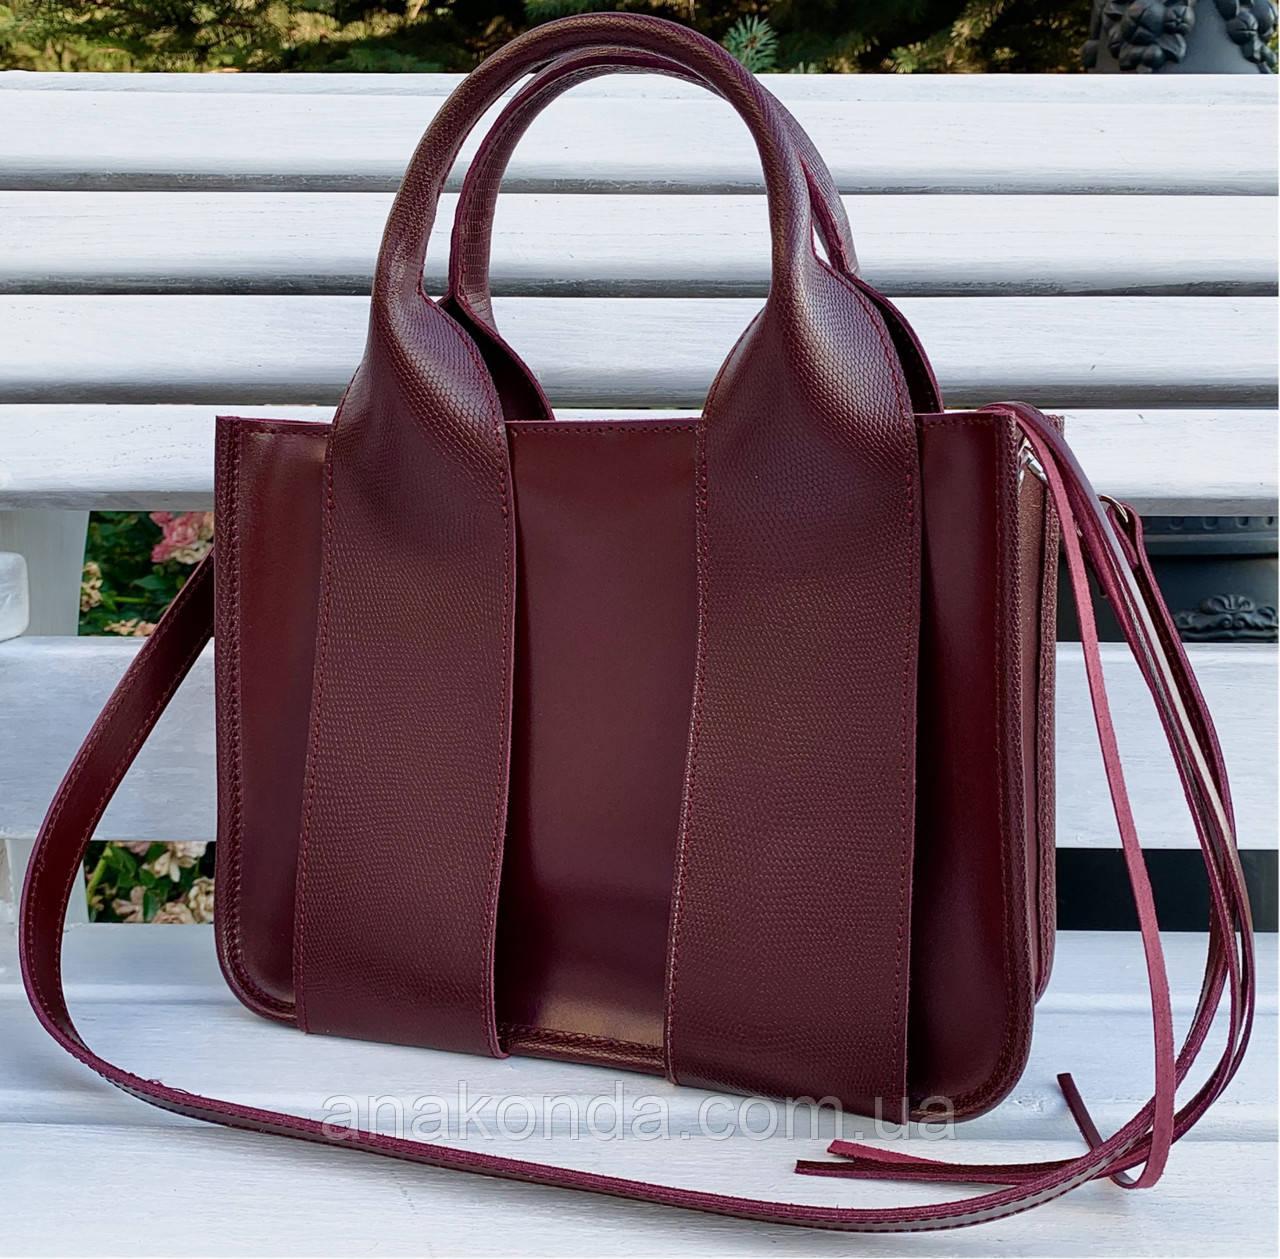 684-3 Натуральная кожа Сумка женская бордоая кожаная марсал женская сумка из натуральной кожи среднего размера